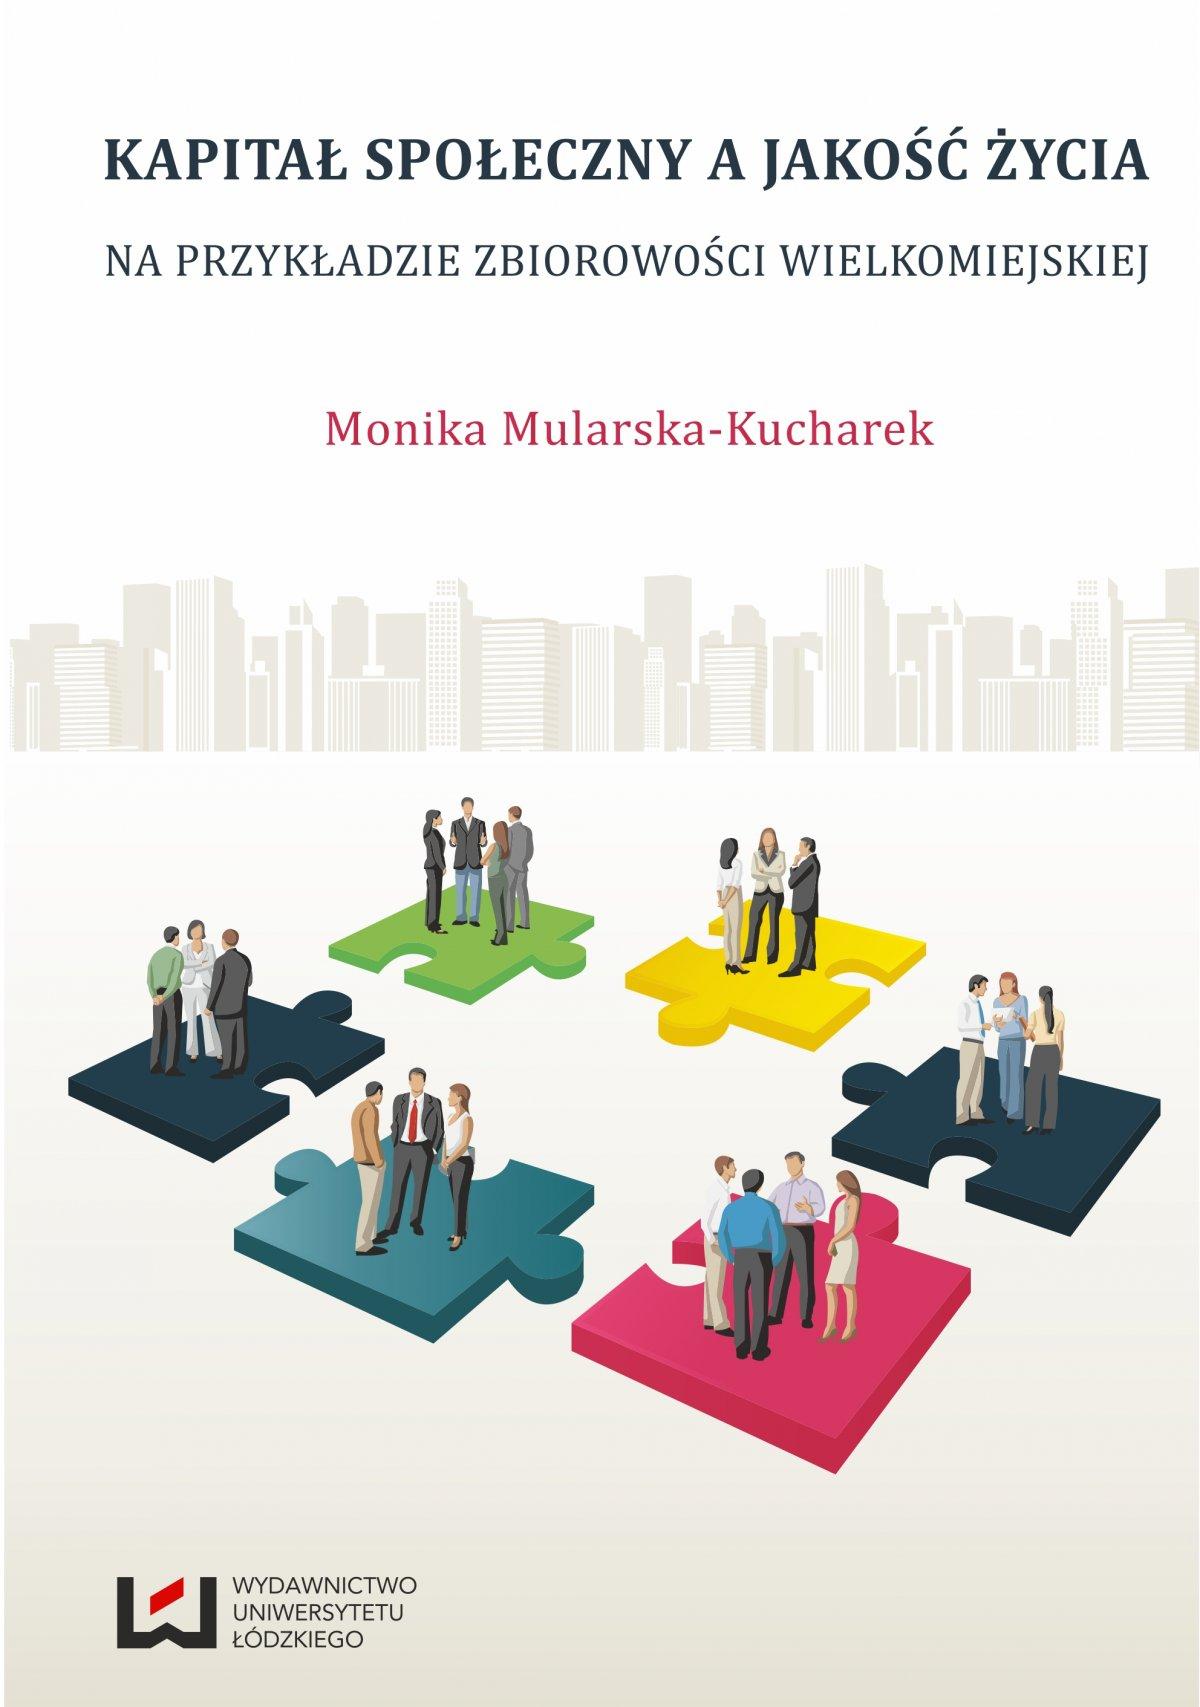 Kapitał społeczny a jakość życia. Na przykładzie zbiorowości wielkomiejskiej - Ebook (Książka PDF) do pobrania w formacie PDF